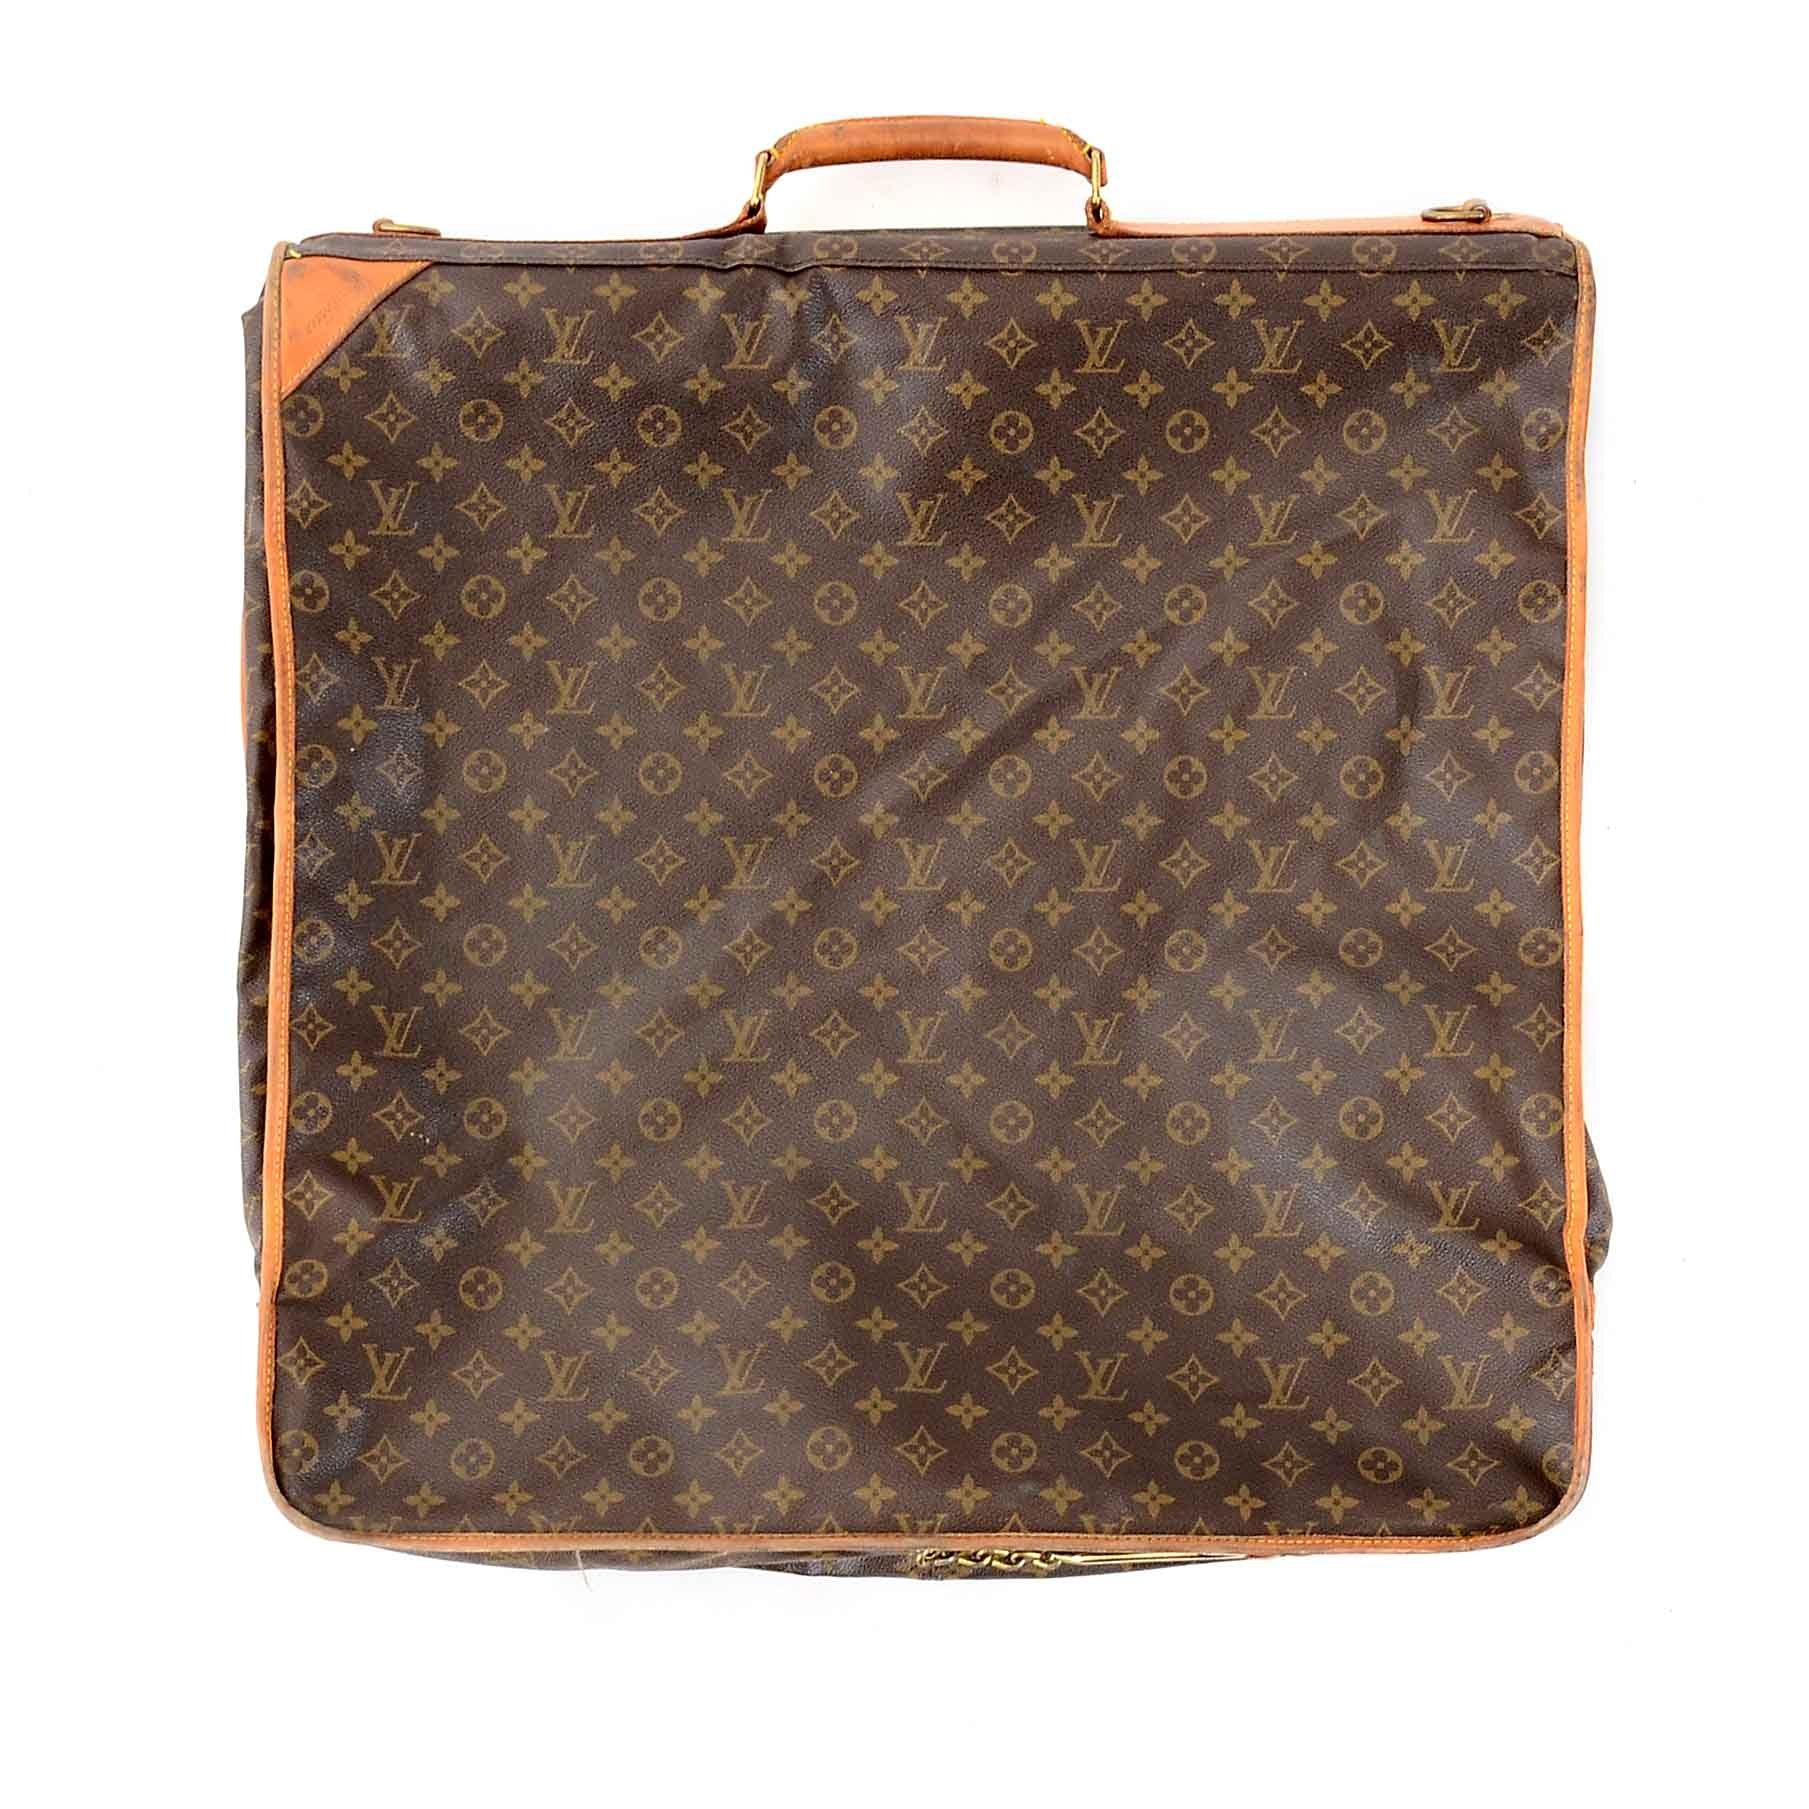 Louis Vuitton Malletier Monogram Canvas Garment Bag